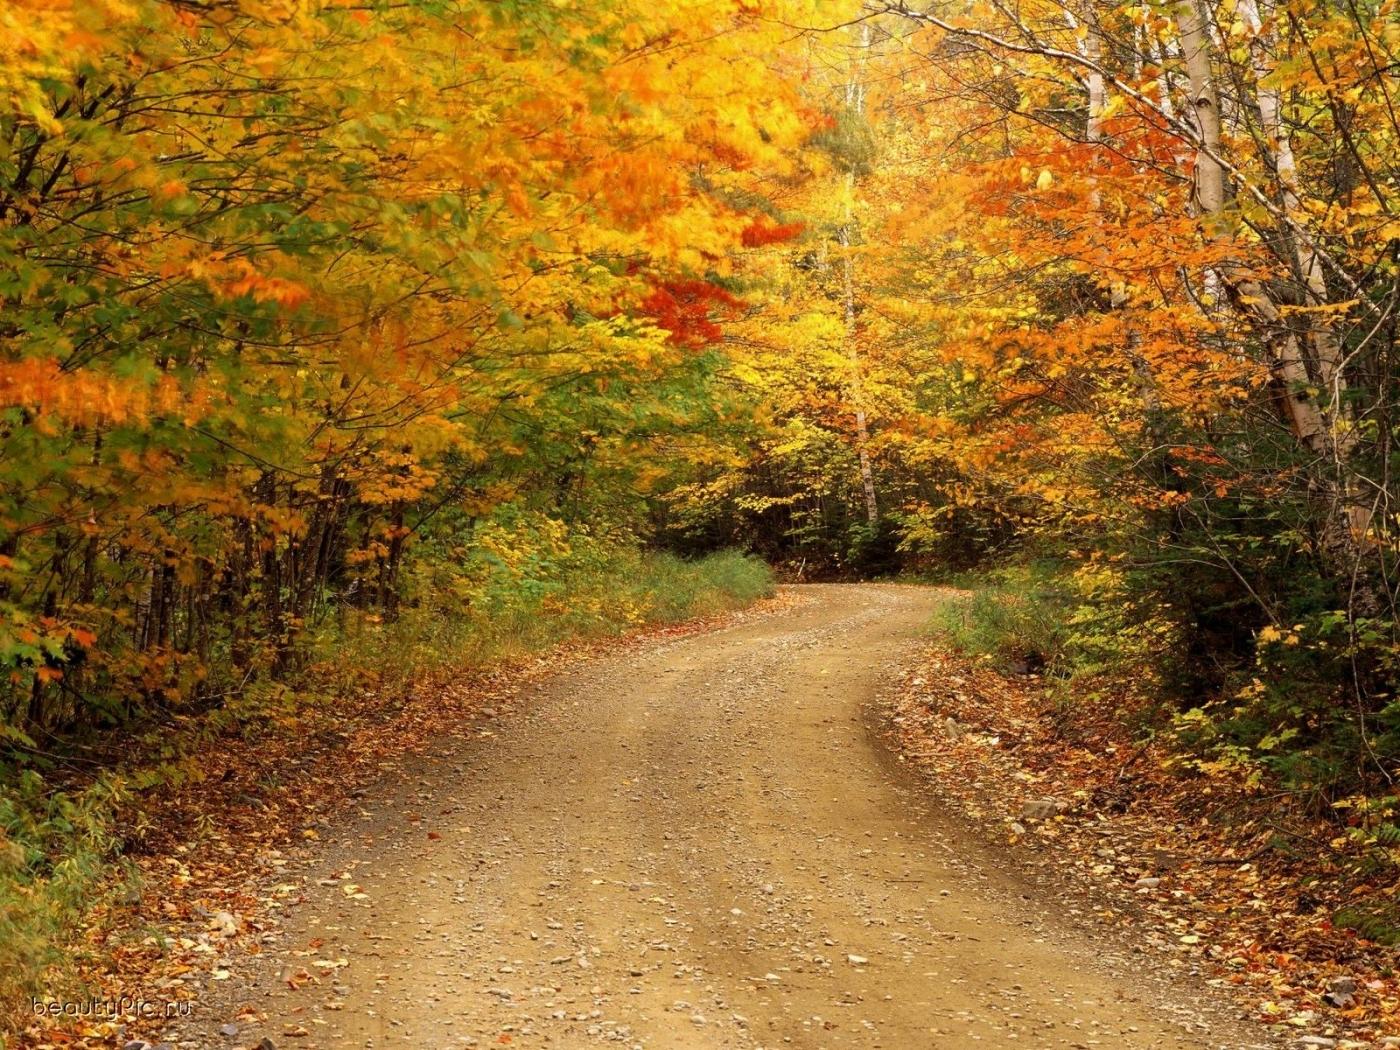 24259 скачать обои Пейзаж, Деревья, Дороги, Осень - заставки и картинки бесплатно